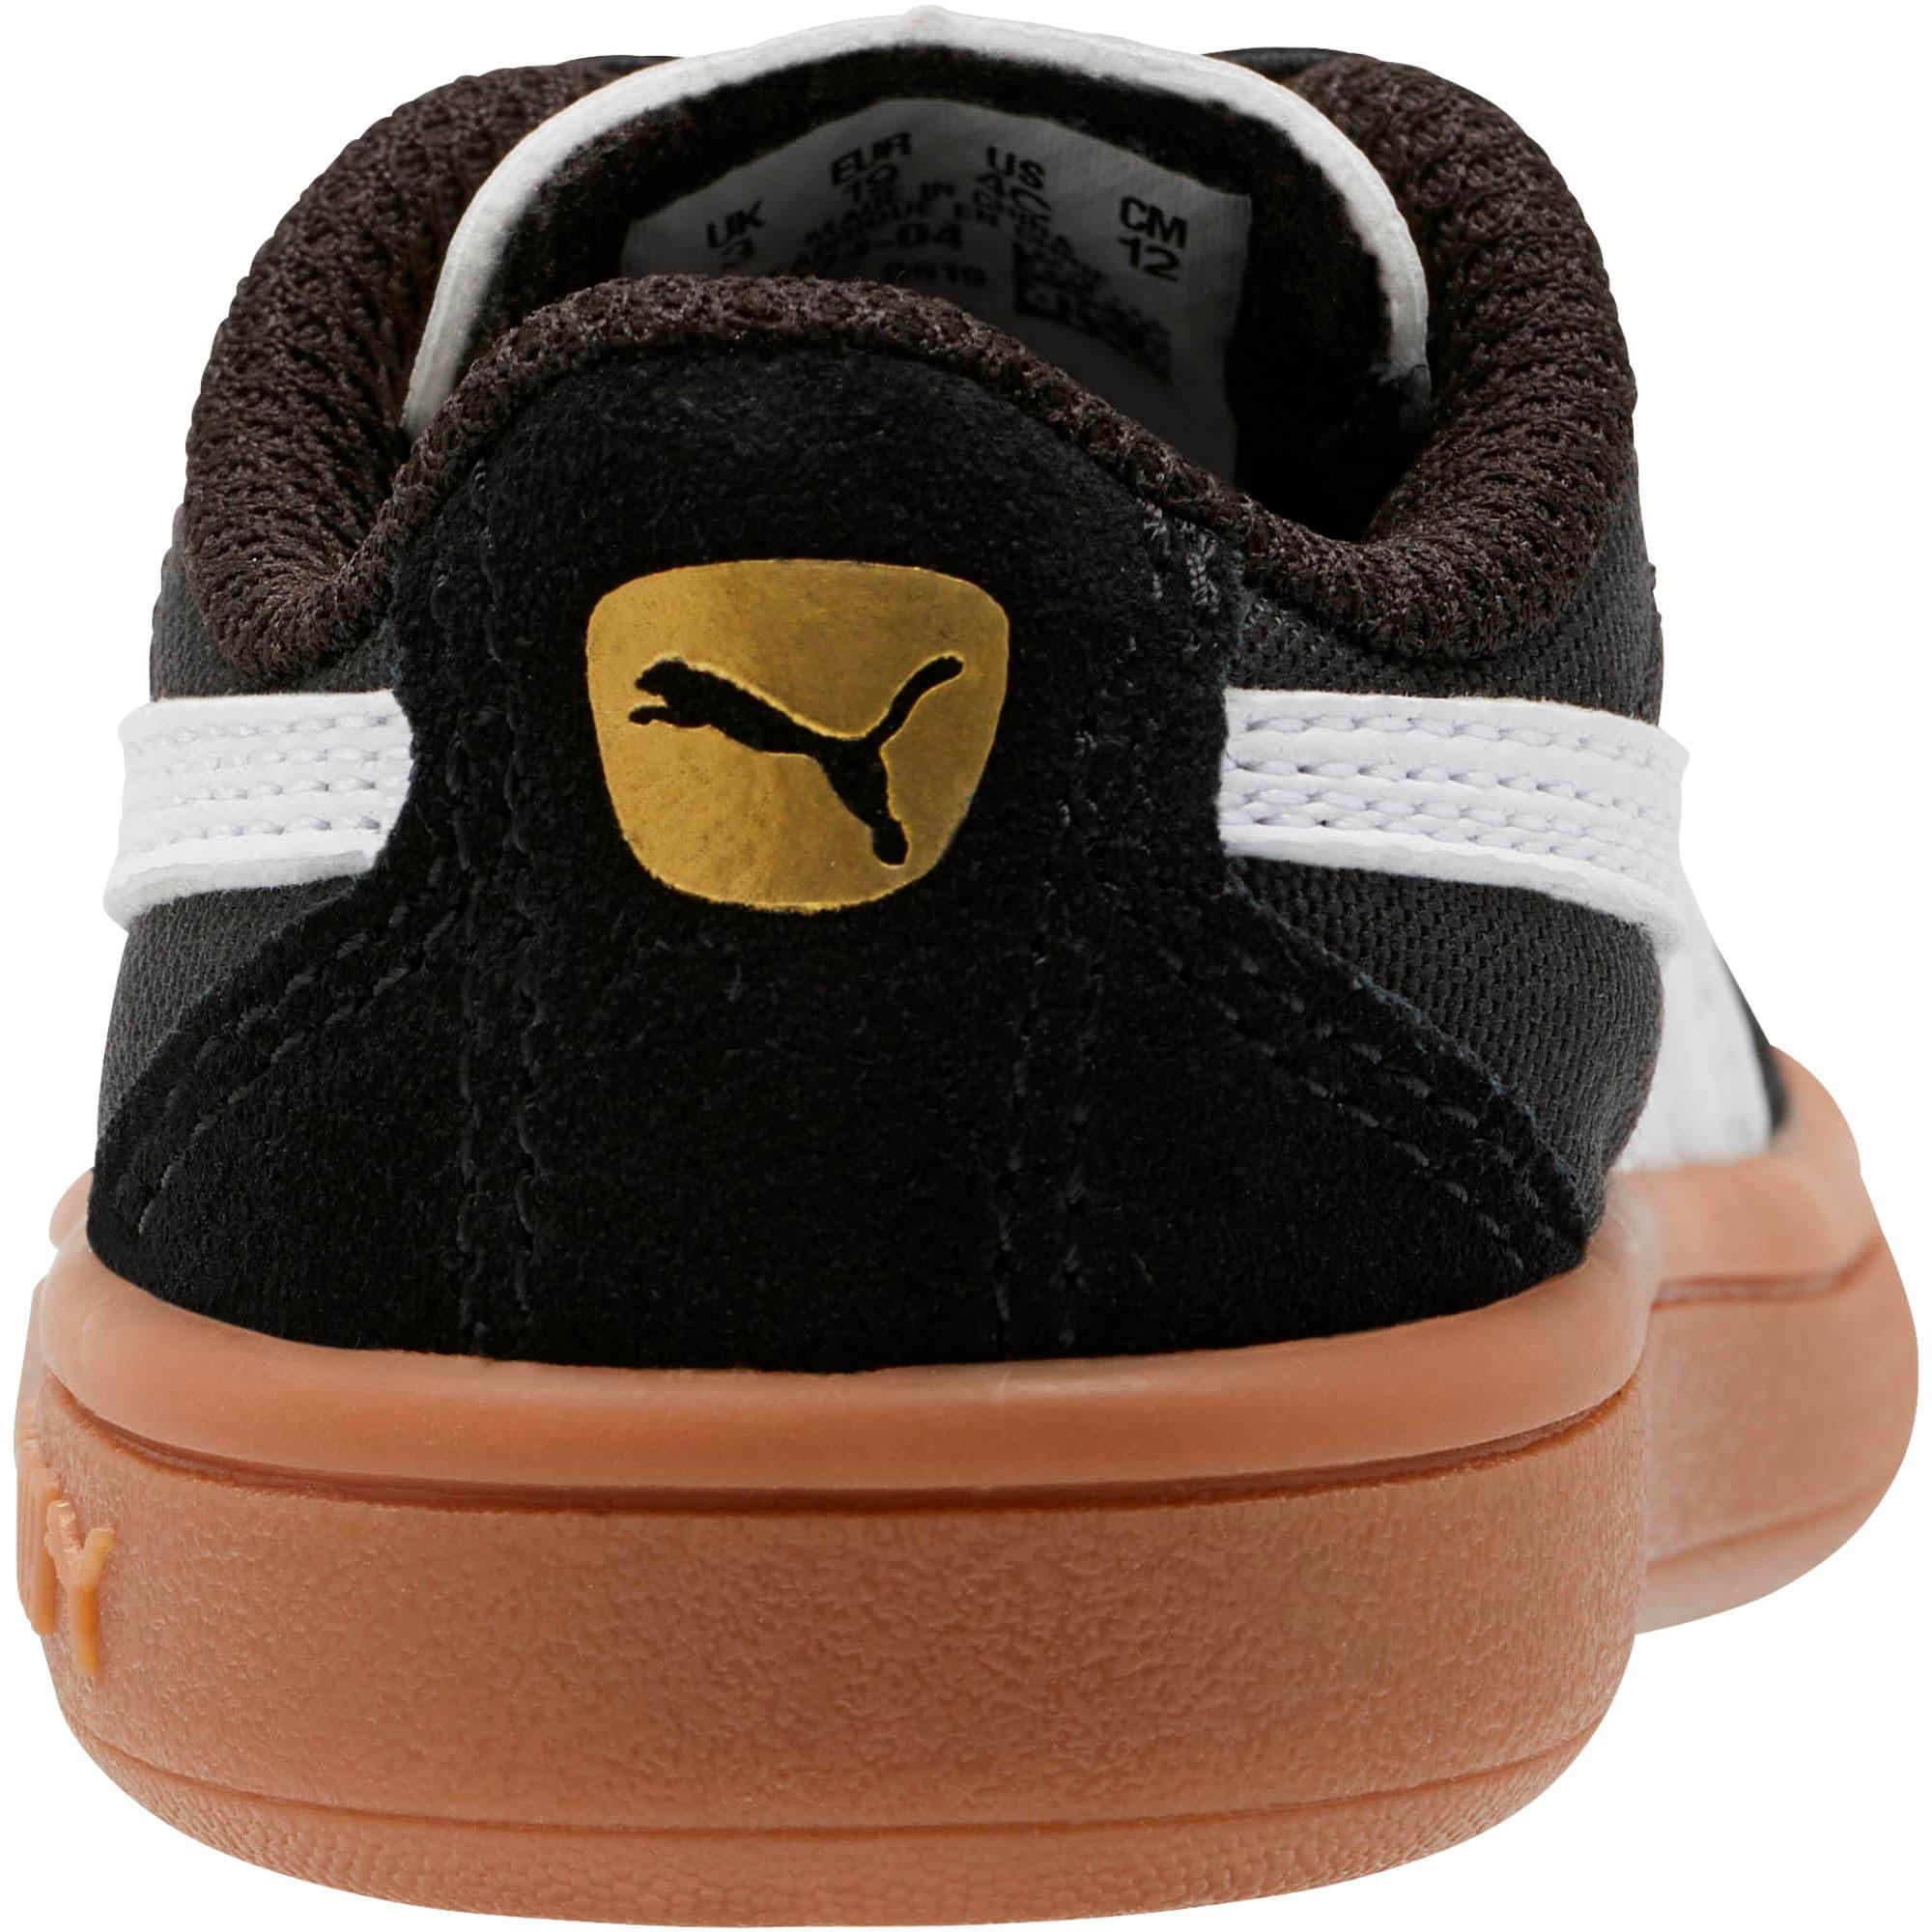 Miniatura 3 de Zapatos Astro Kick AC para bebé, Puma Black-Puma White-Gold, mediano